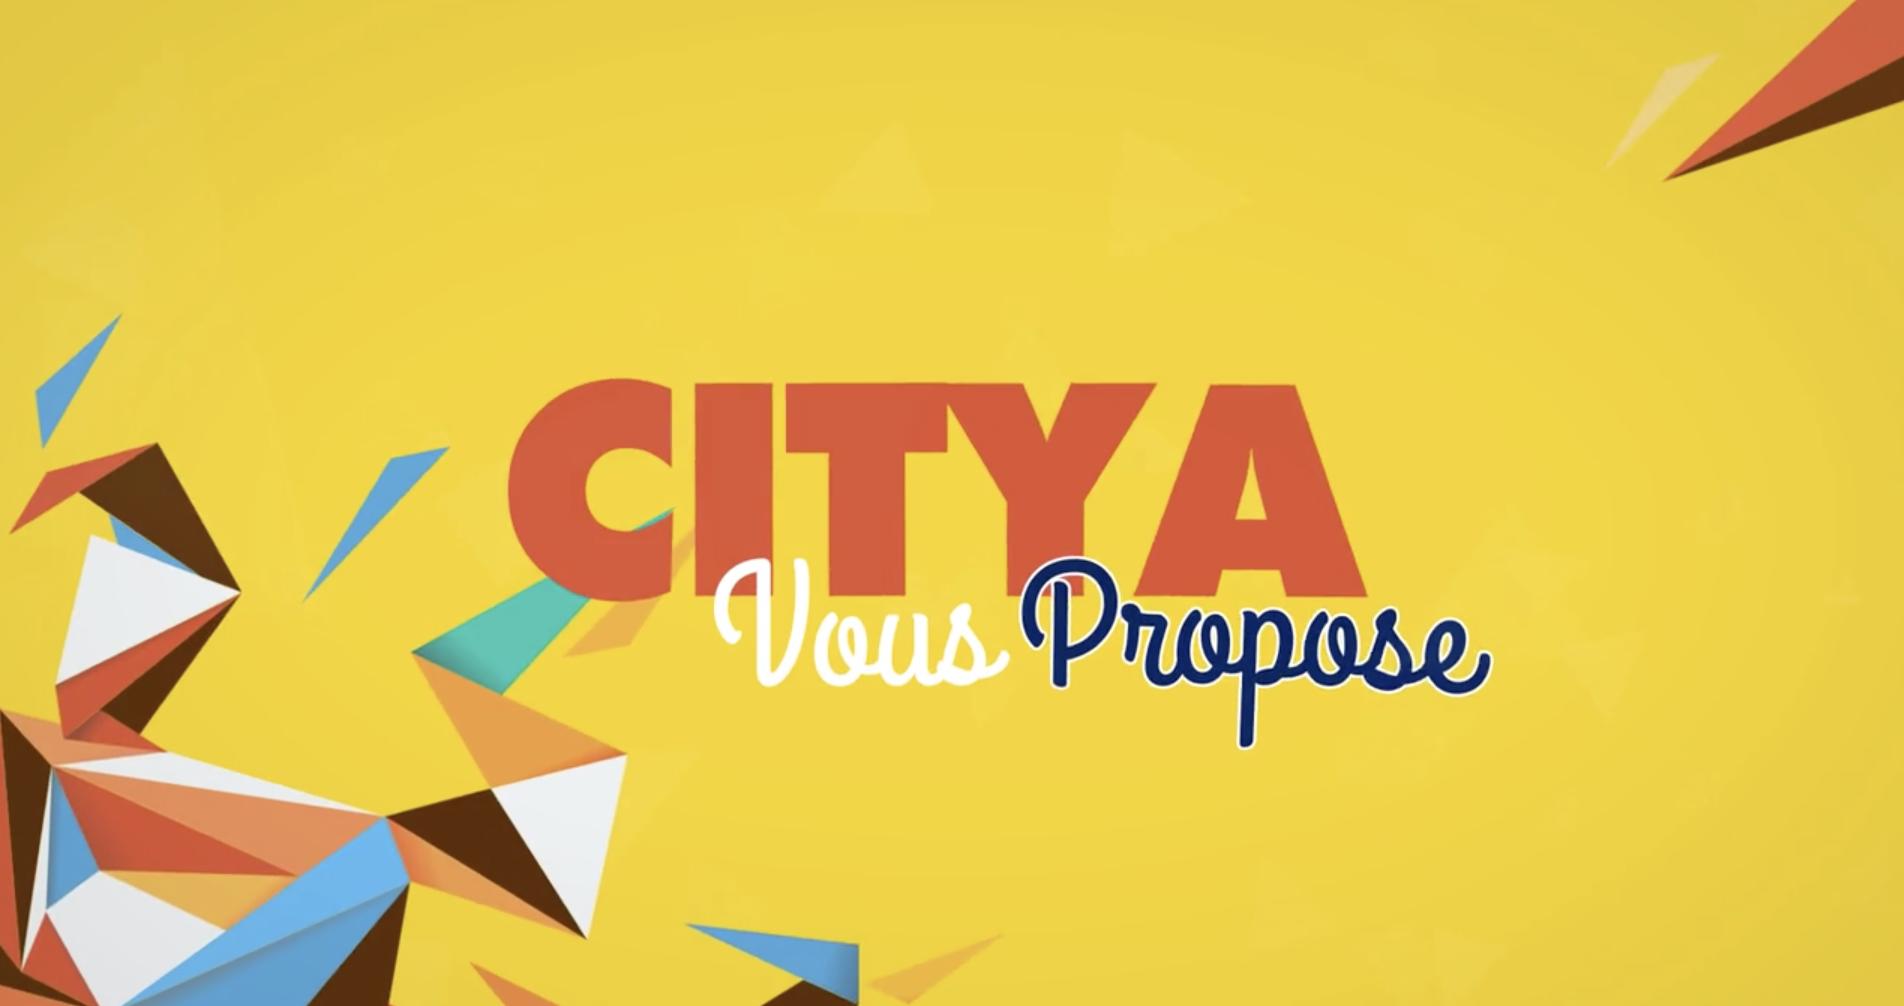 Le challenge de l'été pour les collaborateurs Citya